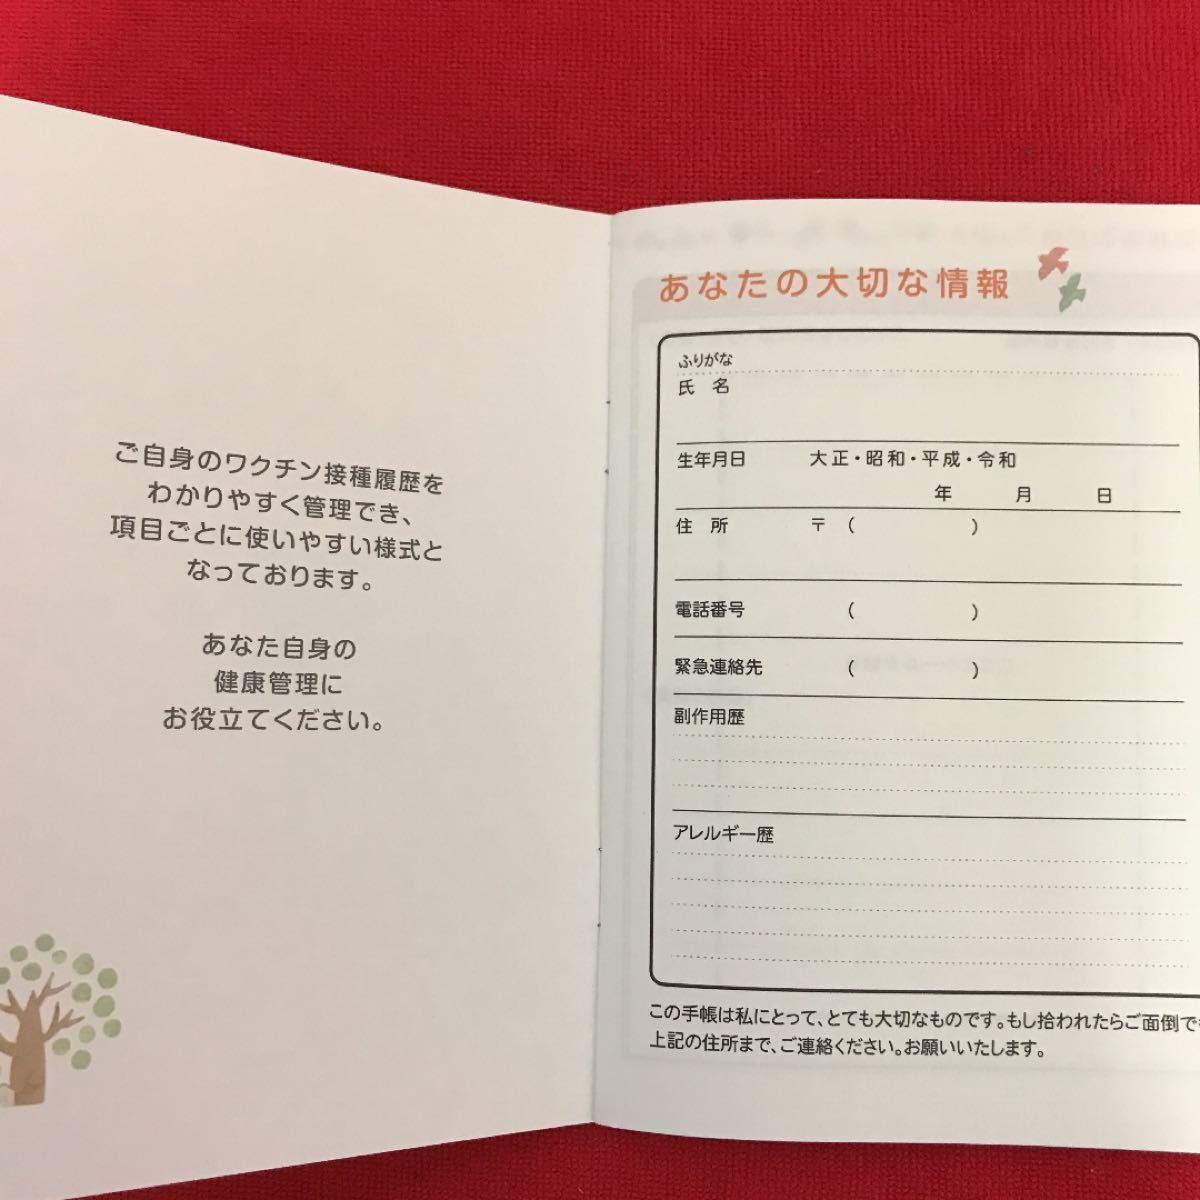 ハンドメイドミニトートとポーチとワクチン手帳付きセット ブラック